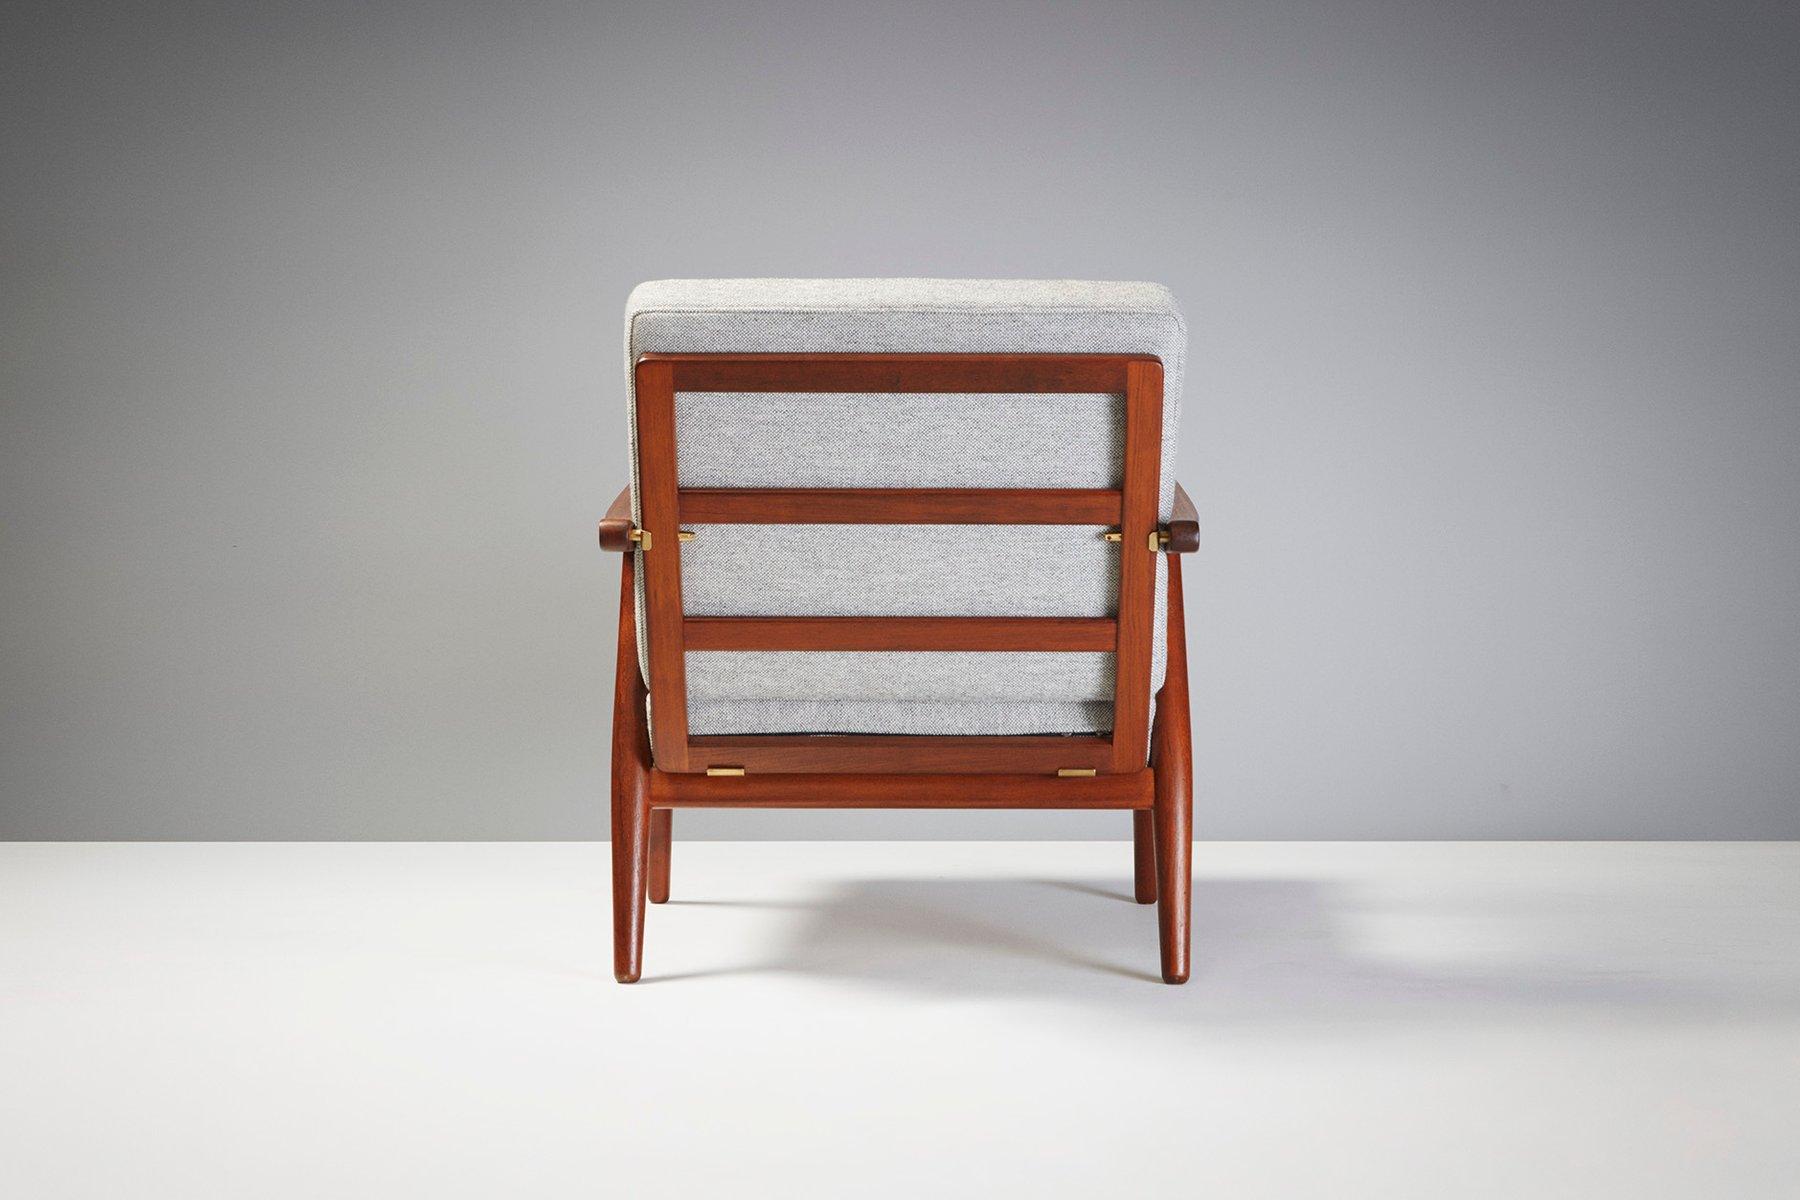 Wegner Sessel ge-270 teak sessel von hans j. wegner, 1956 bei pamono kaufen